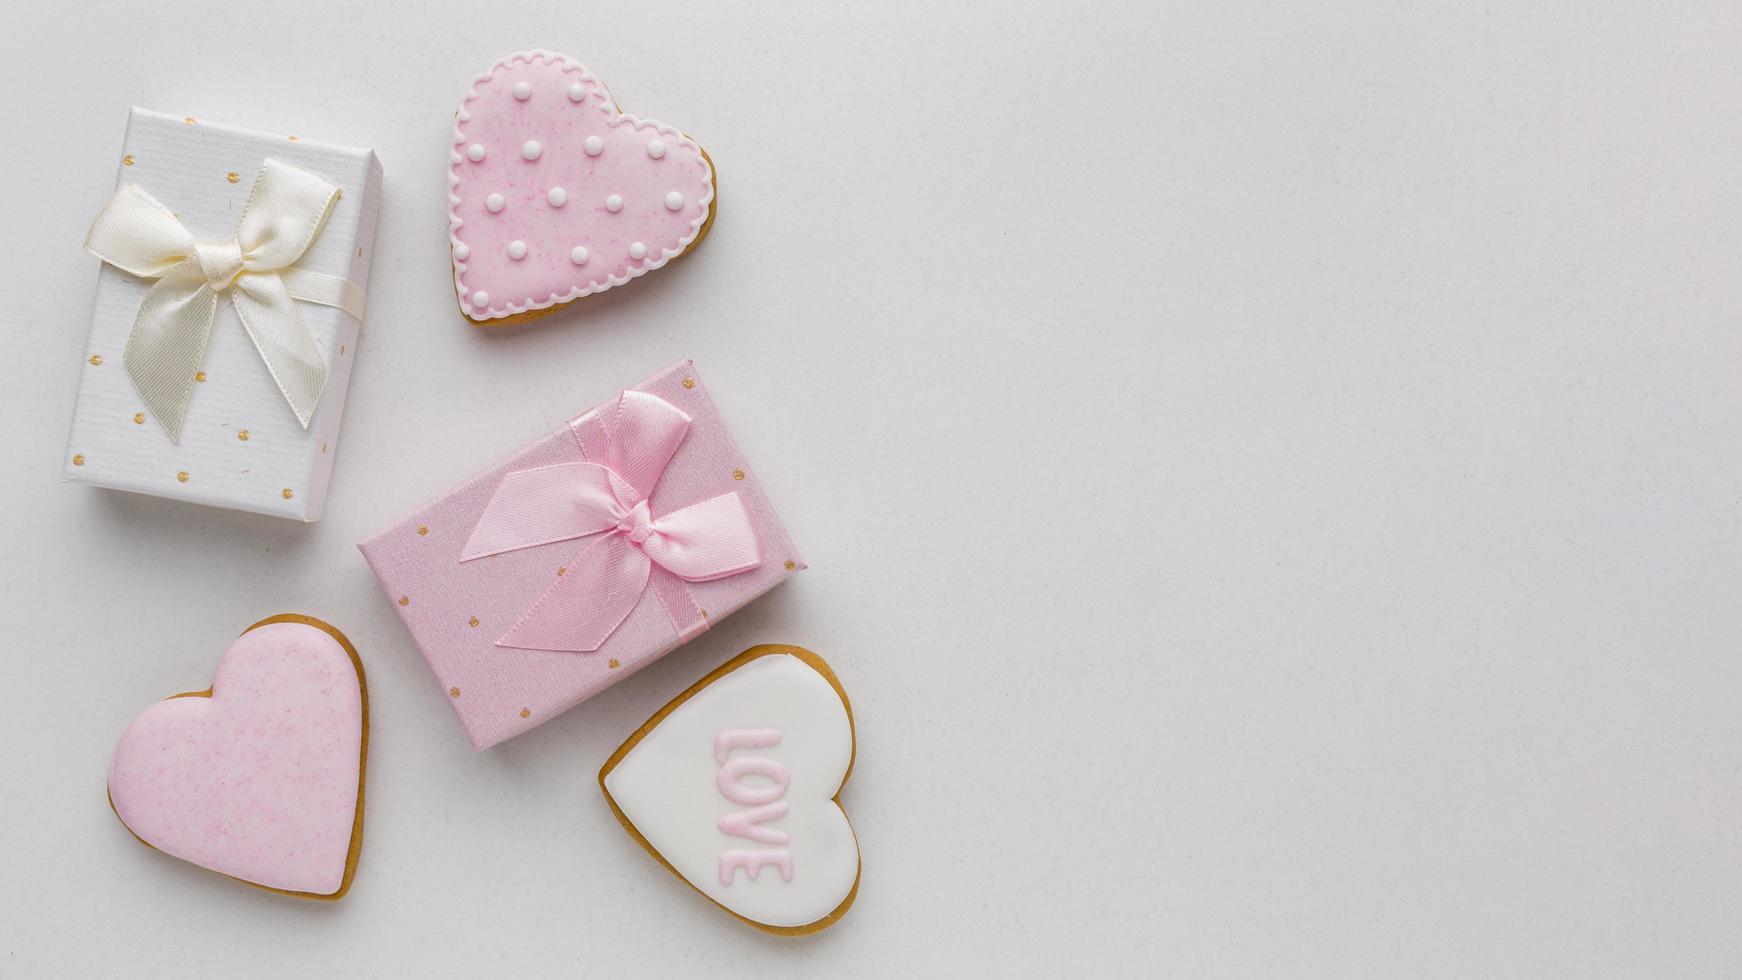 biscuits et cadeaux de la saint-valentin photo